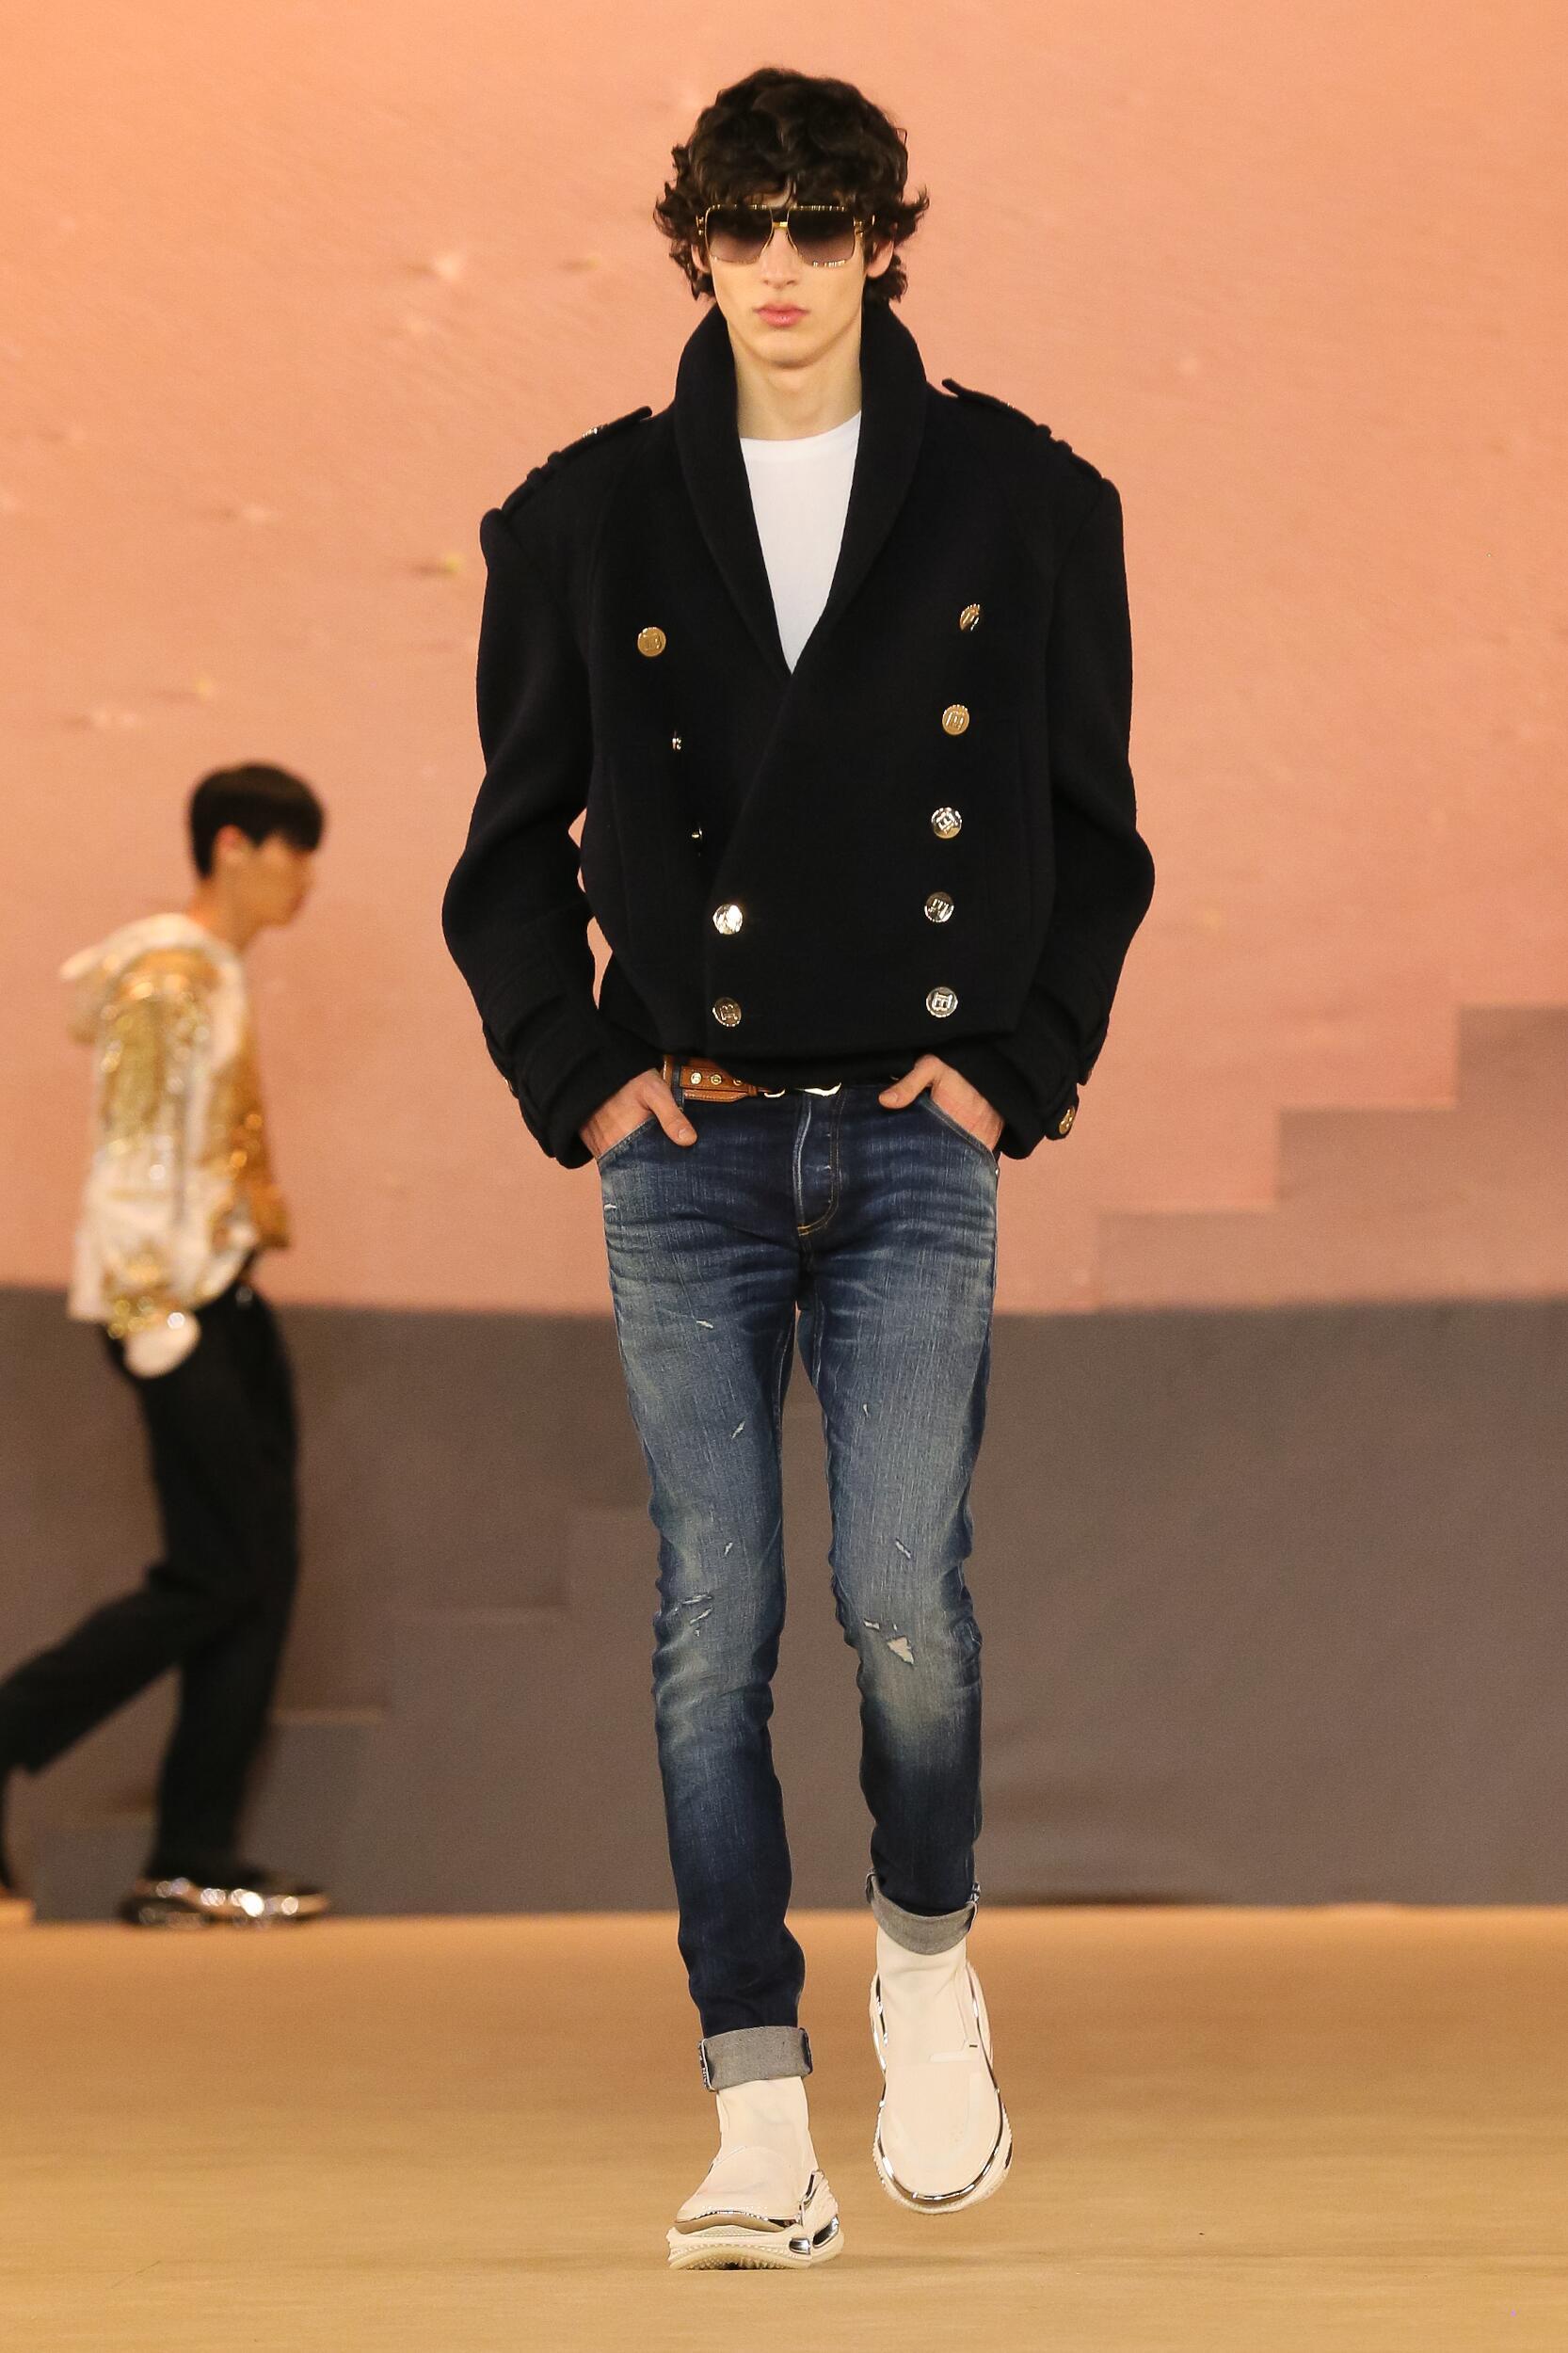 Catwalk Balmain Man Fashion Show Winter 2020